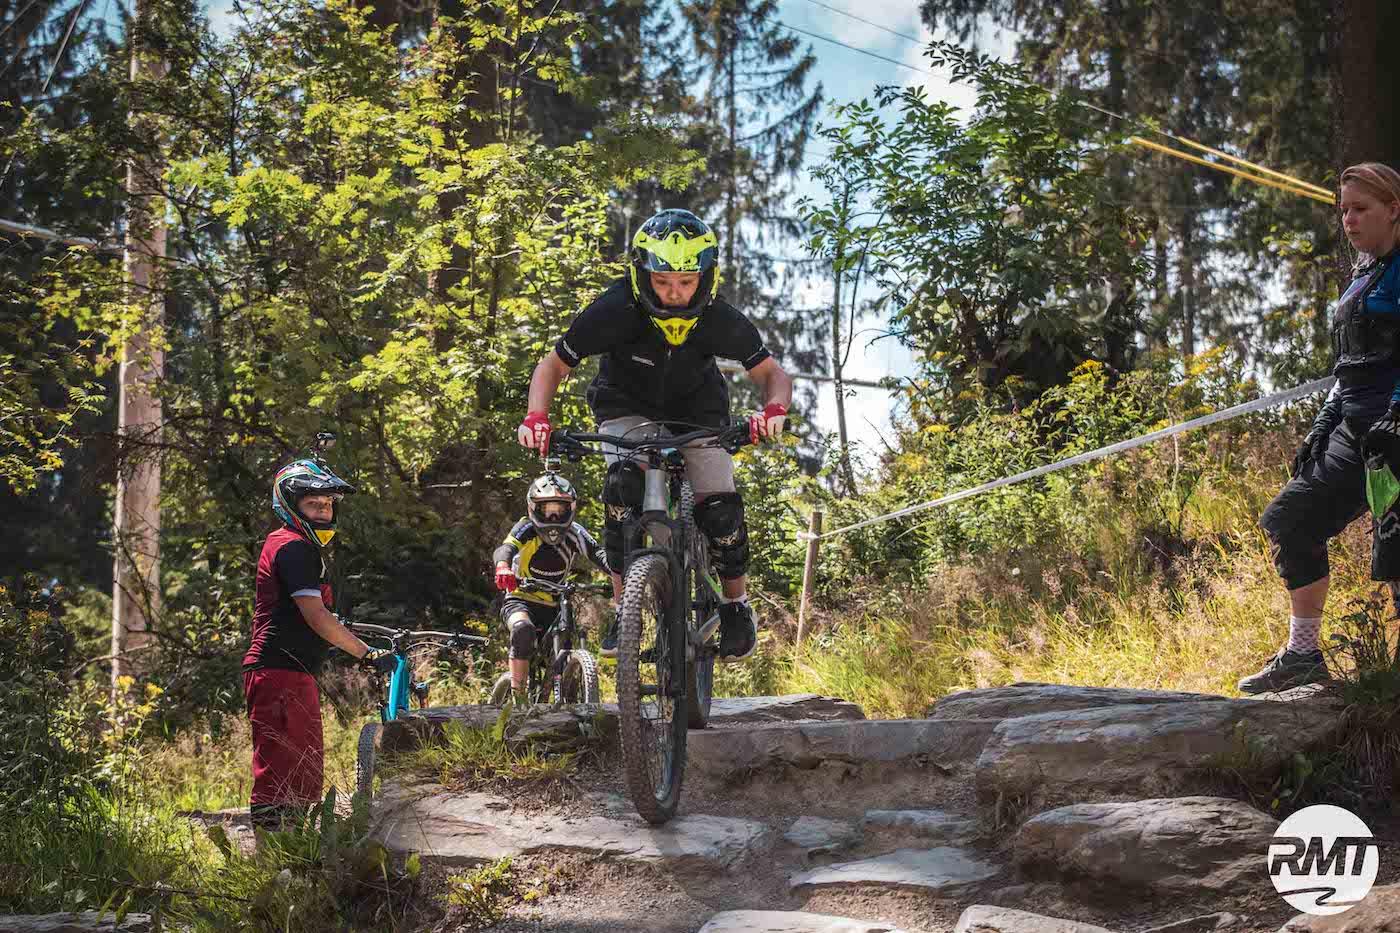 Gutschein Bikepark Kinder Kurse Training Rock my Trail Bikeschule Geschenk Geburtstag Weihnachten Kinder